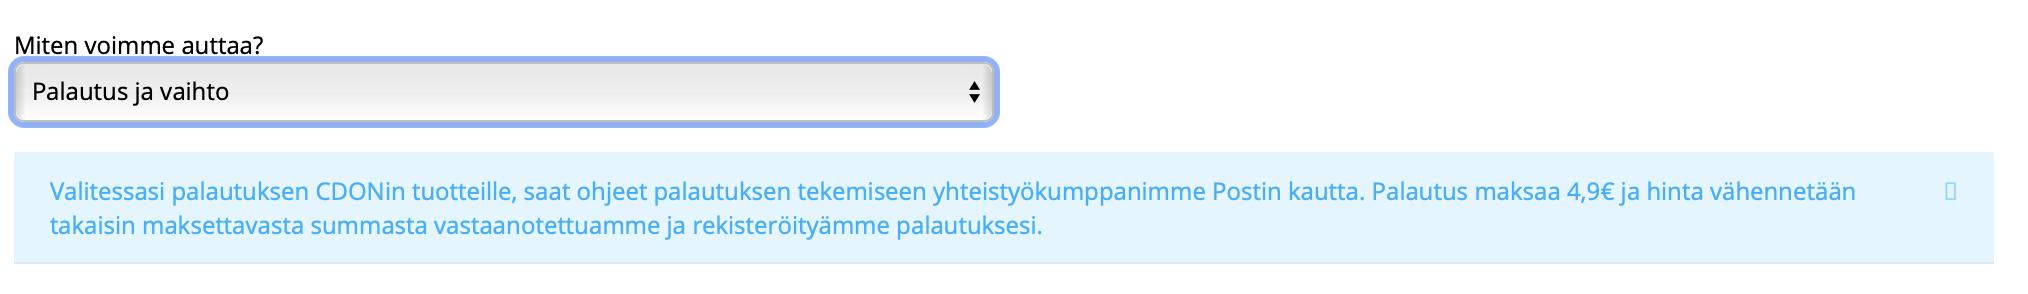 Screenshot 2020-02-04 at 17.43.09.png